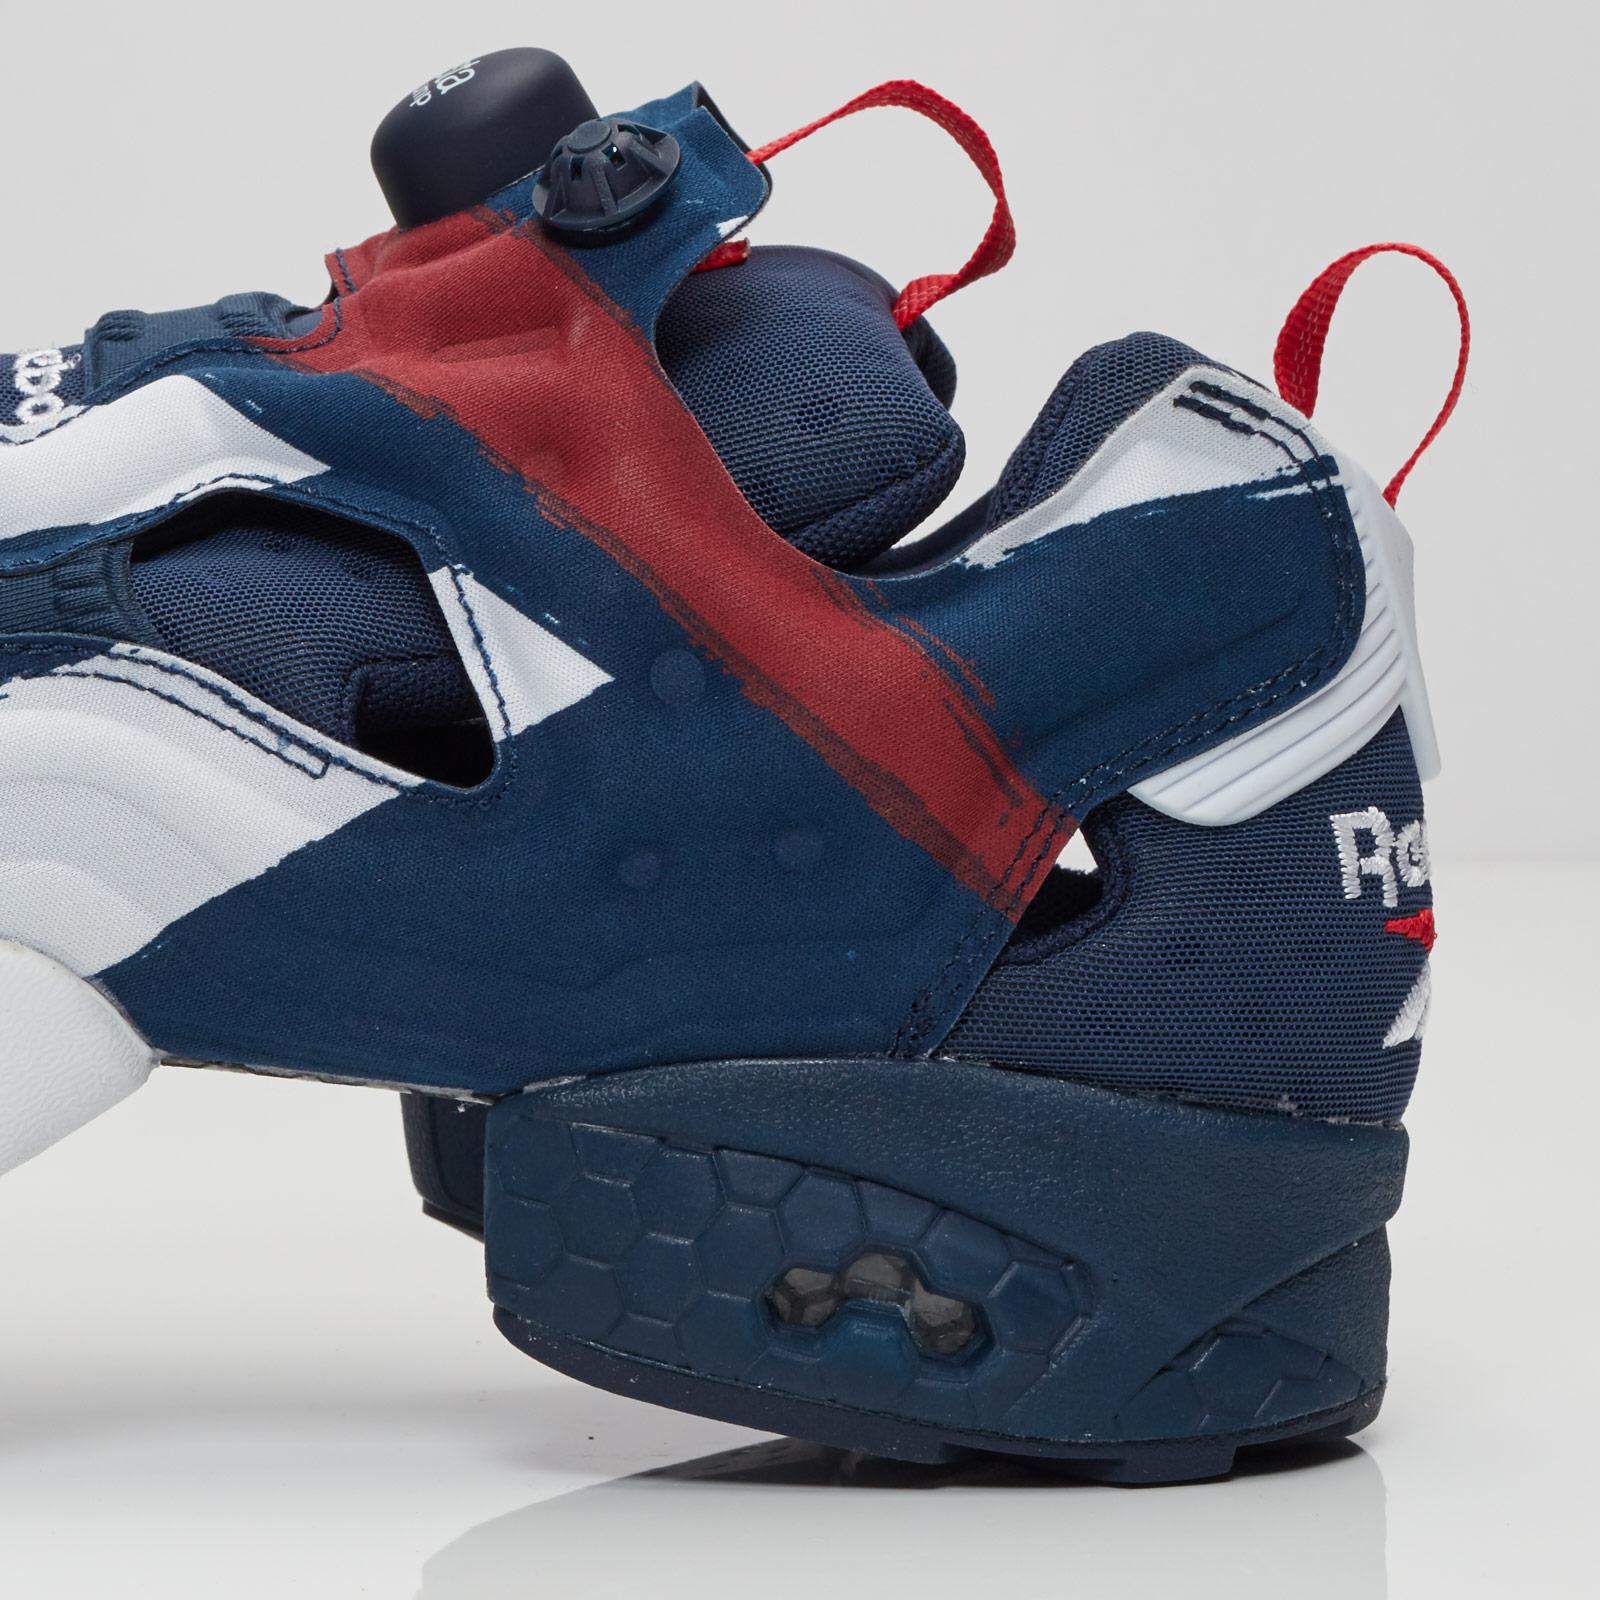 Reebok Instapump Fury OB - Ar3197 - Sneakersnstuff  13b67f386